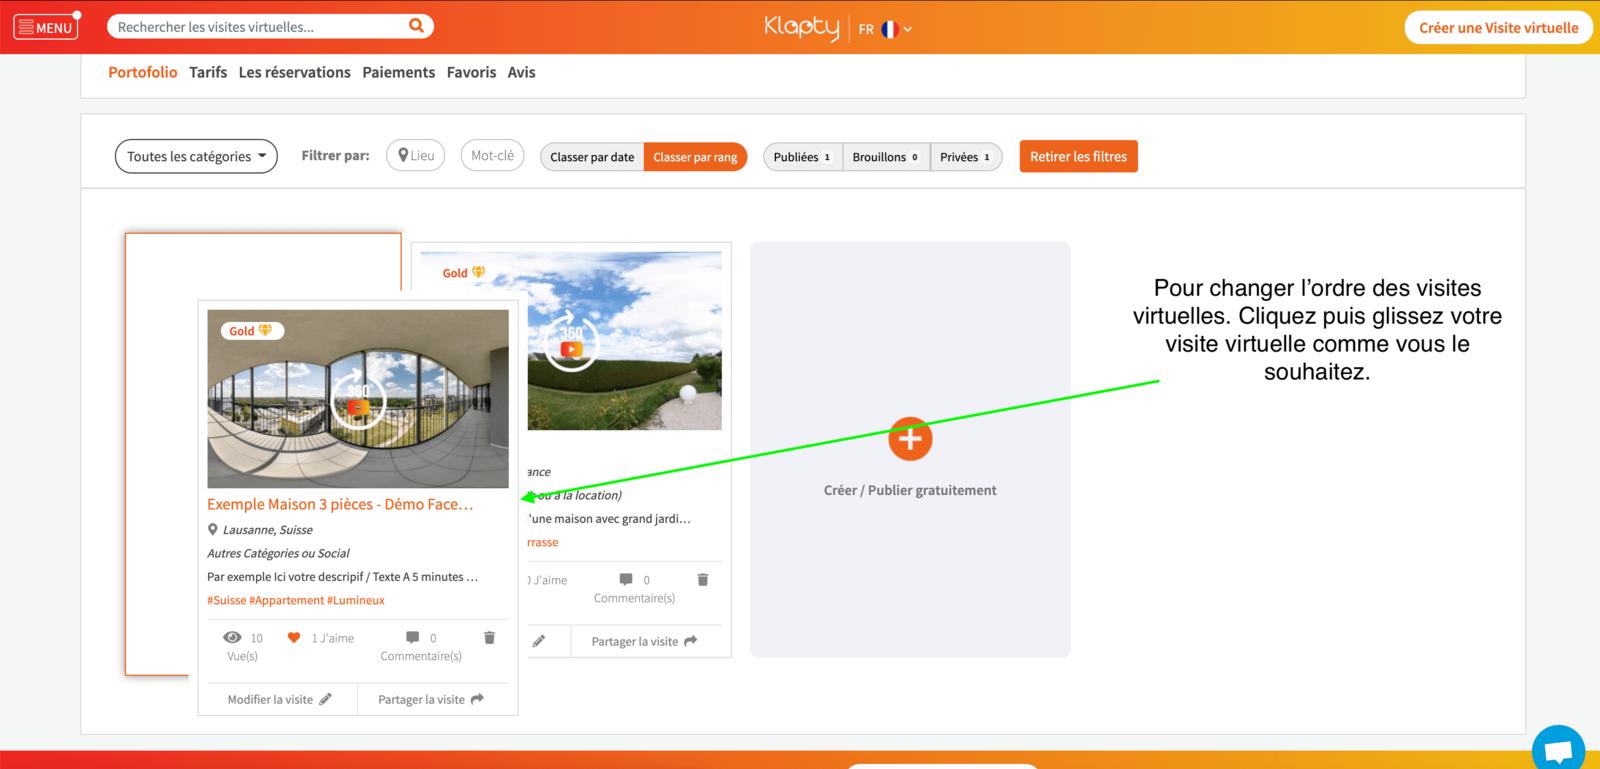 Modifier l'ordre des visites virtuelles dans votre portefeuille Klapty